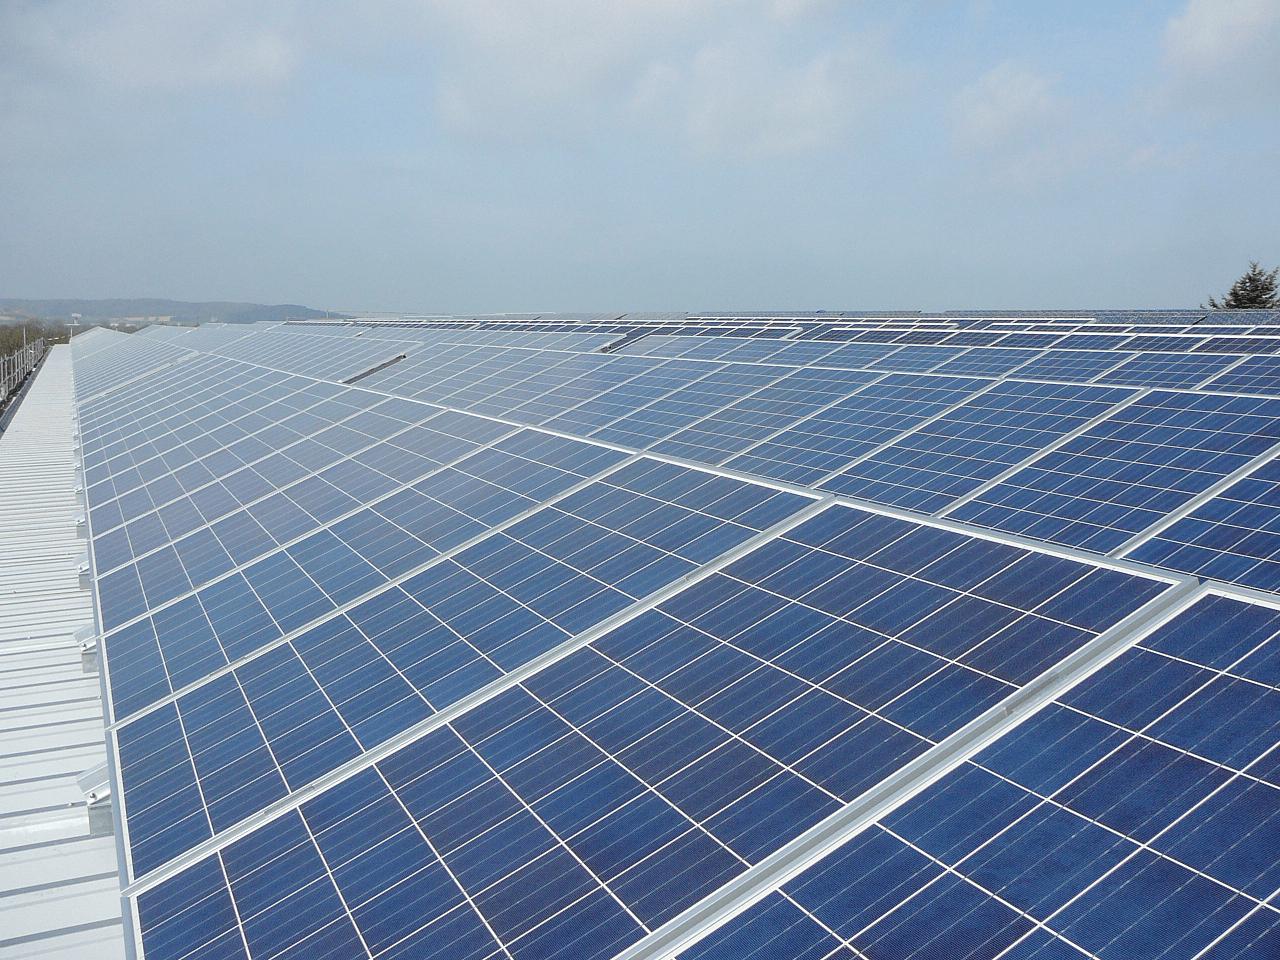 Hindistan Güneş Panellerindeki Korunma Önlemini Kaldırdı